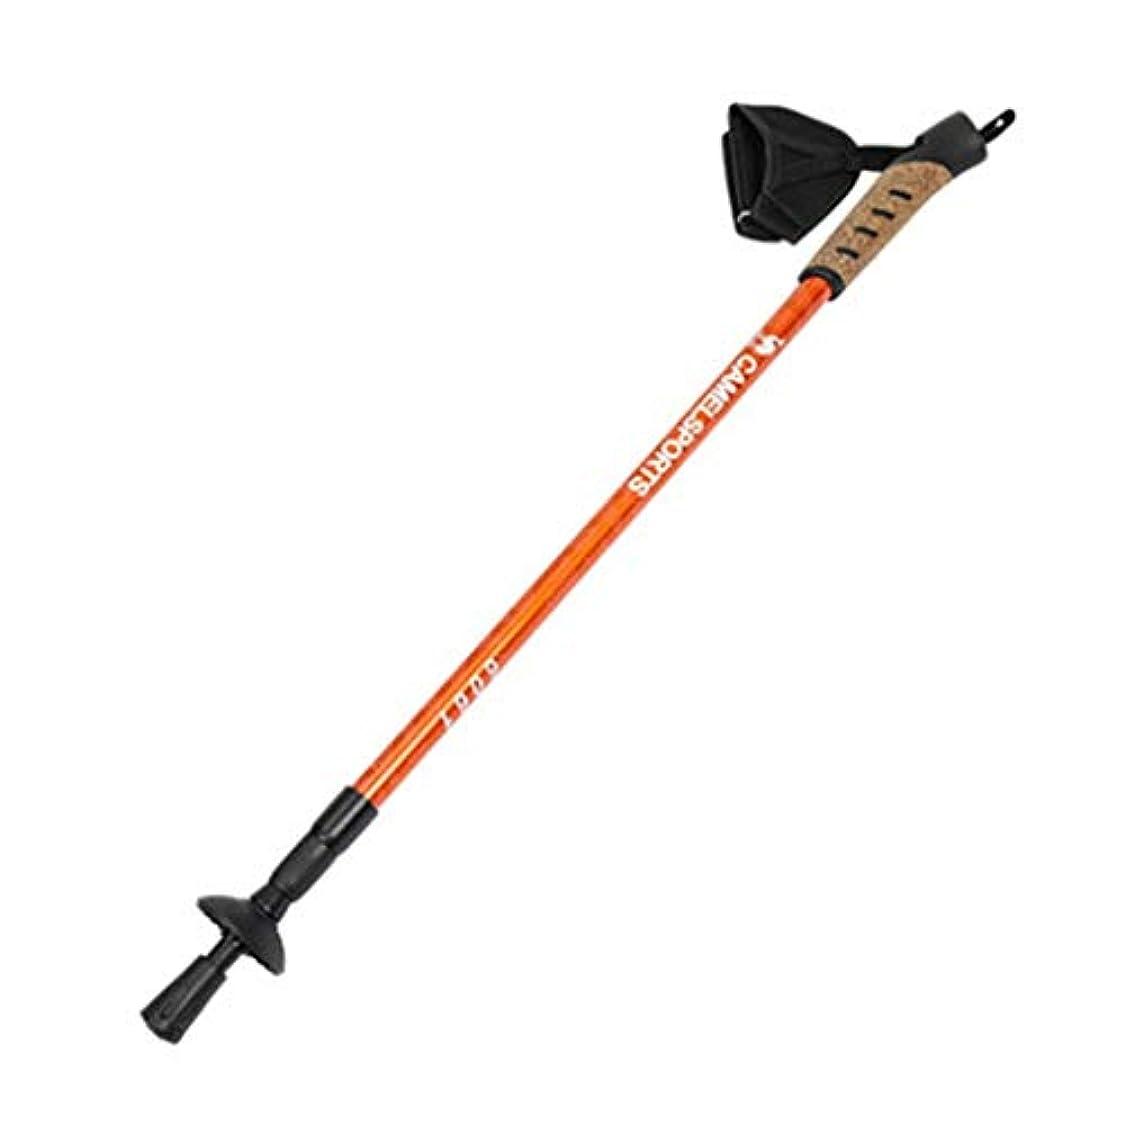 大統領組立うなるJXJJD アウトドアトレッキングポール引き込み式のアルミ合金製のクッション性のあるハイキング登山ストレートハンドル登山杖(オレンジレッド、ゴールデン) (Color : Orange red)